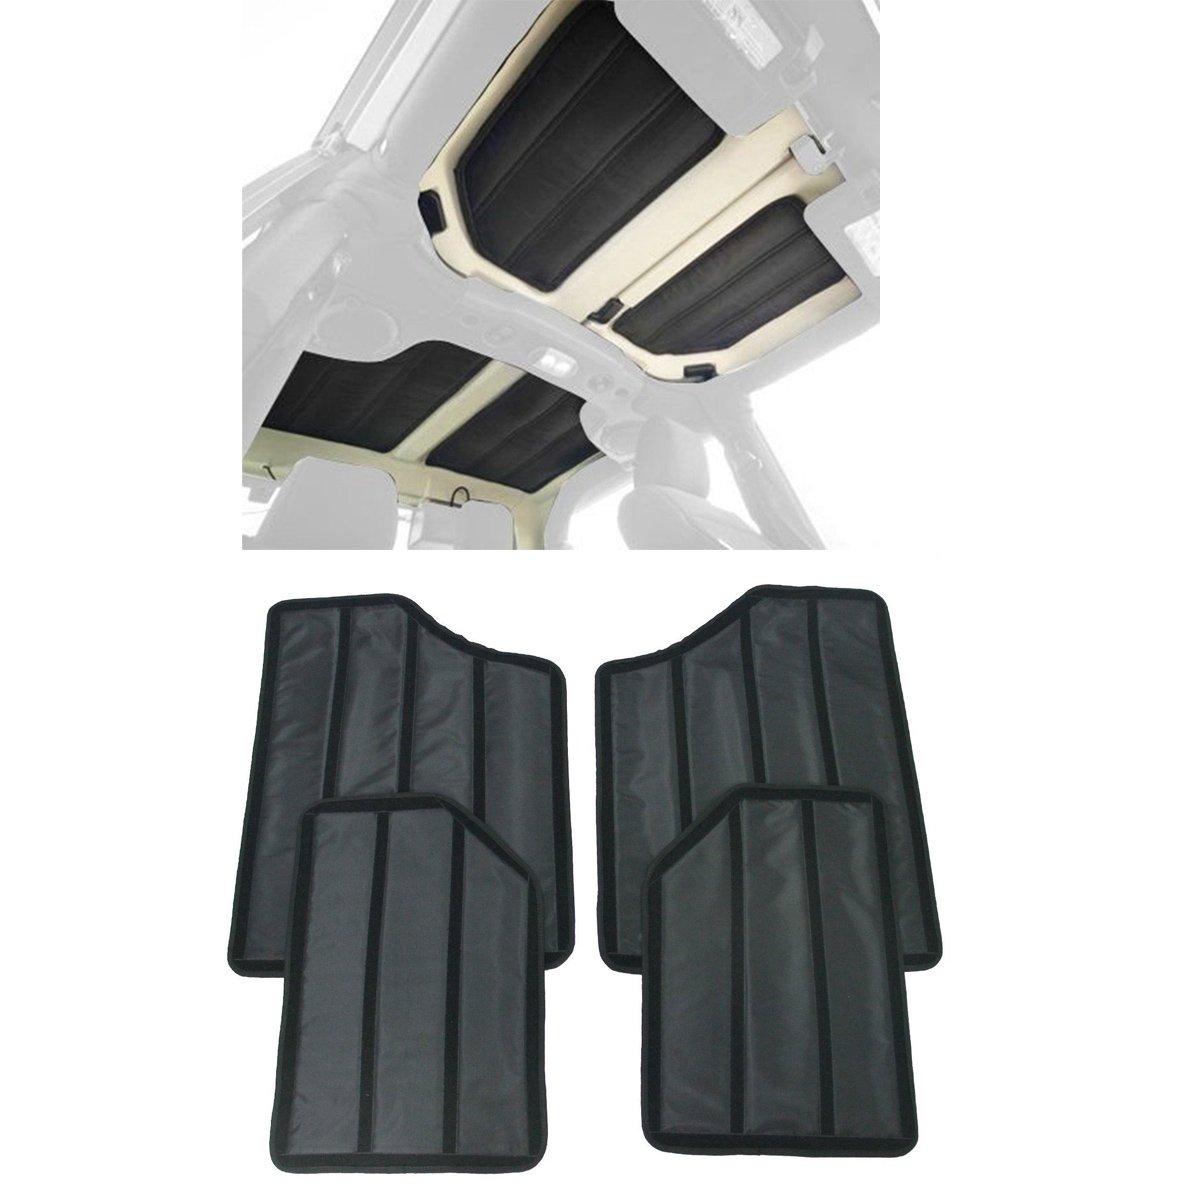 MOEBULB Hardtop Sound Deadener Insulation Black for Jeep Wrangler 2 door 2012 2013 2014 2015 2016 2017 (2-Door)